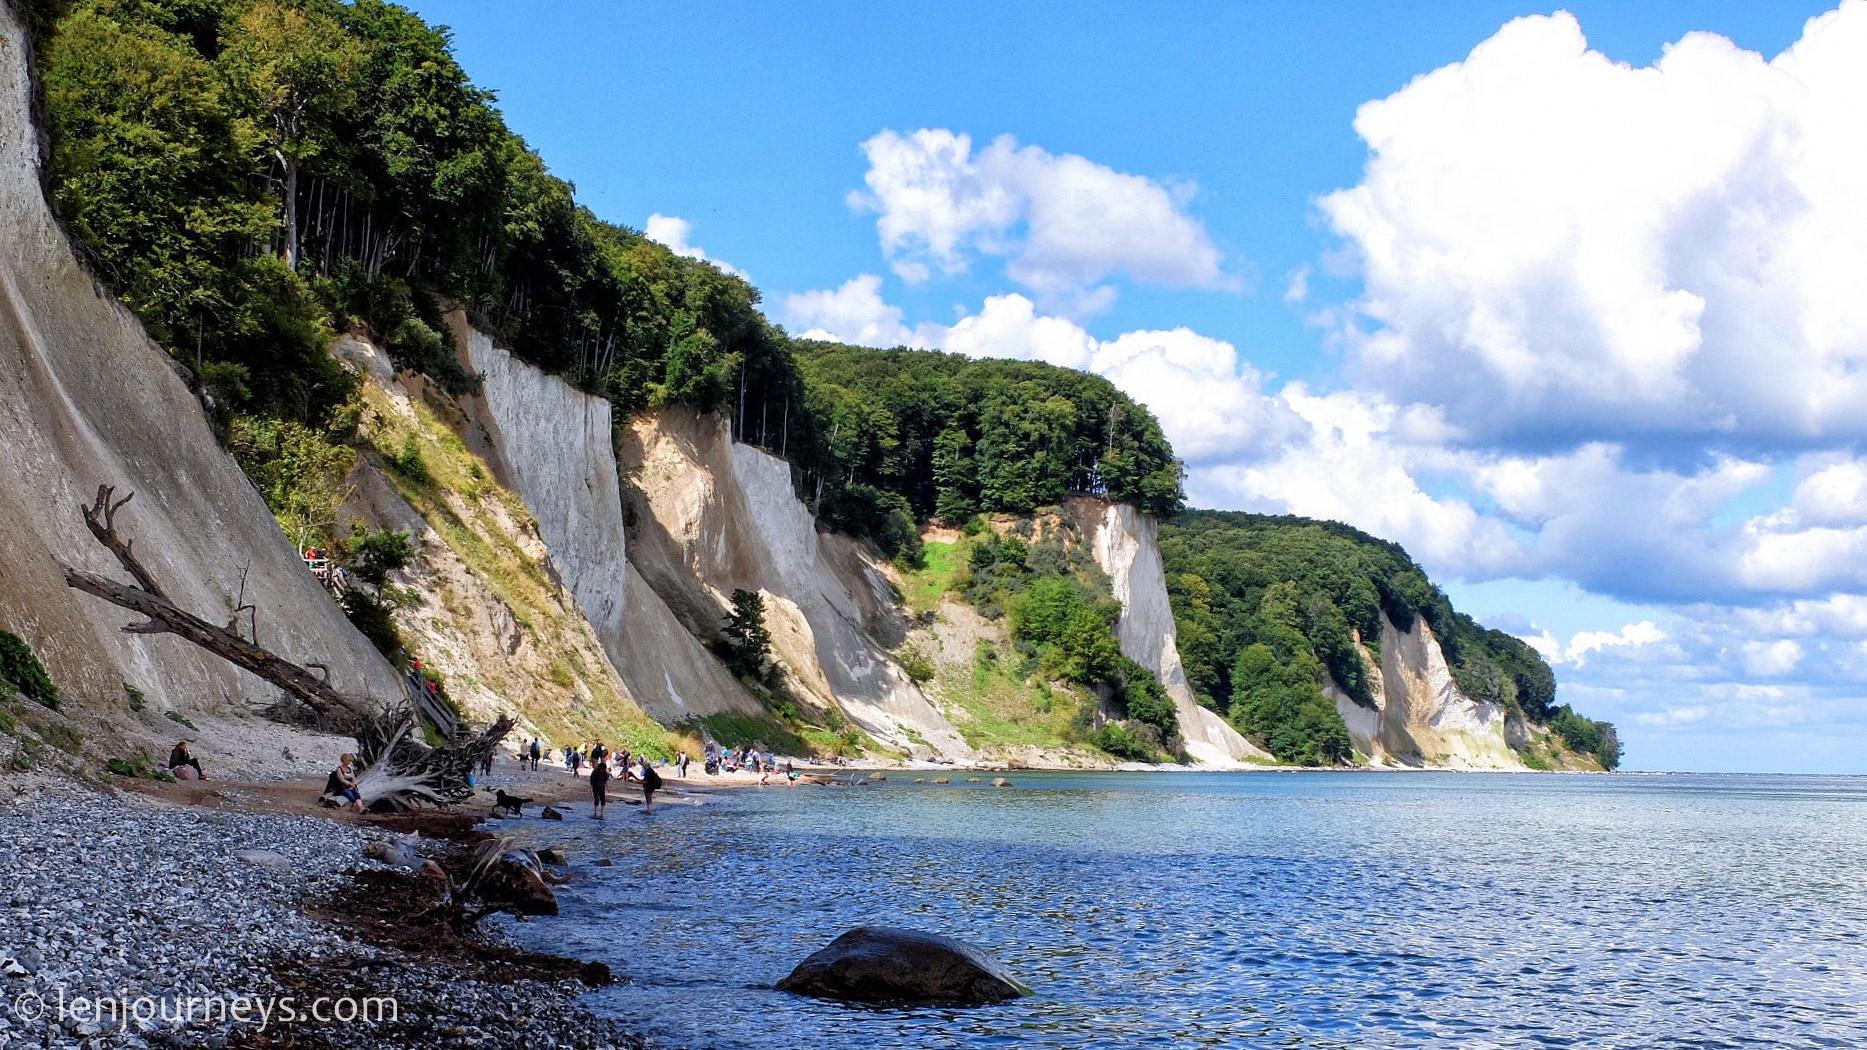 The white chalk cliff of Rügen